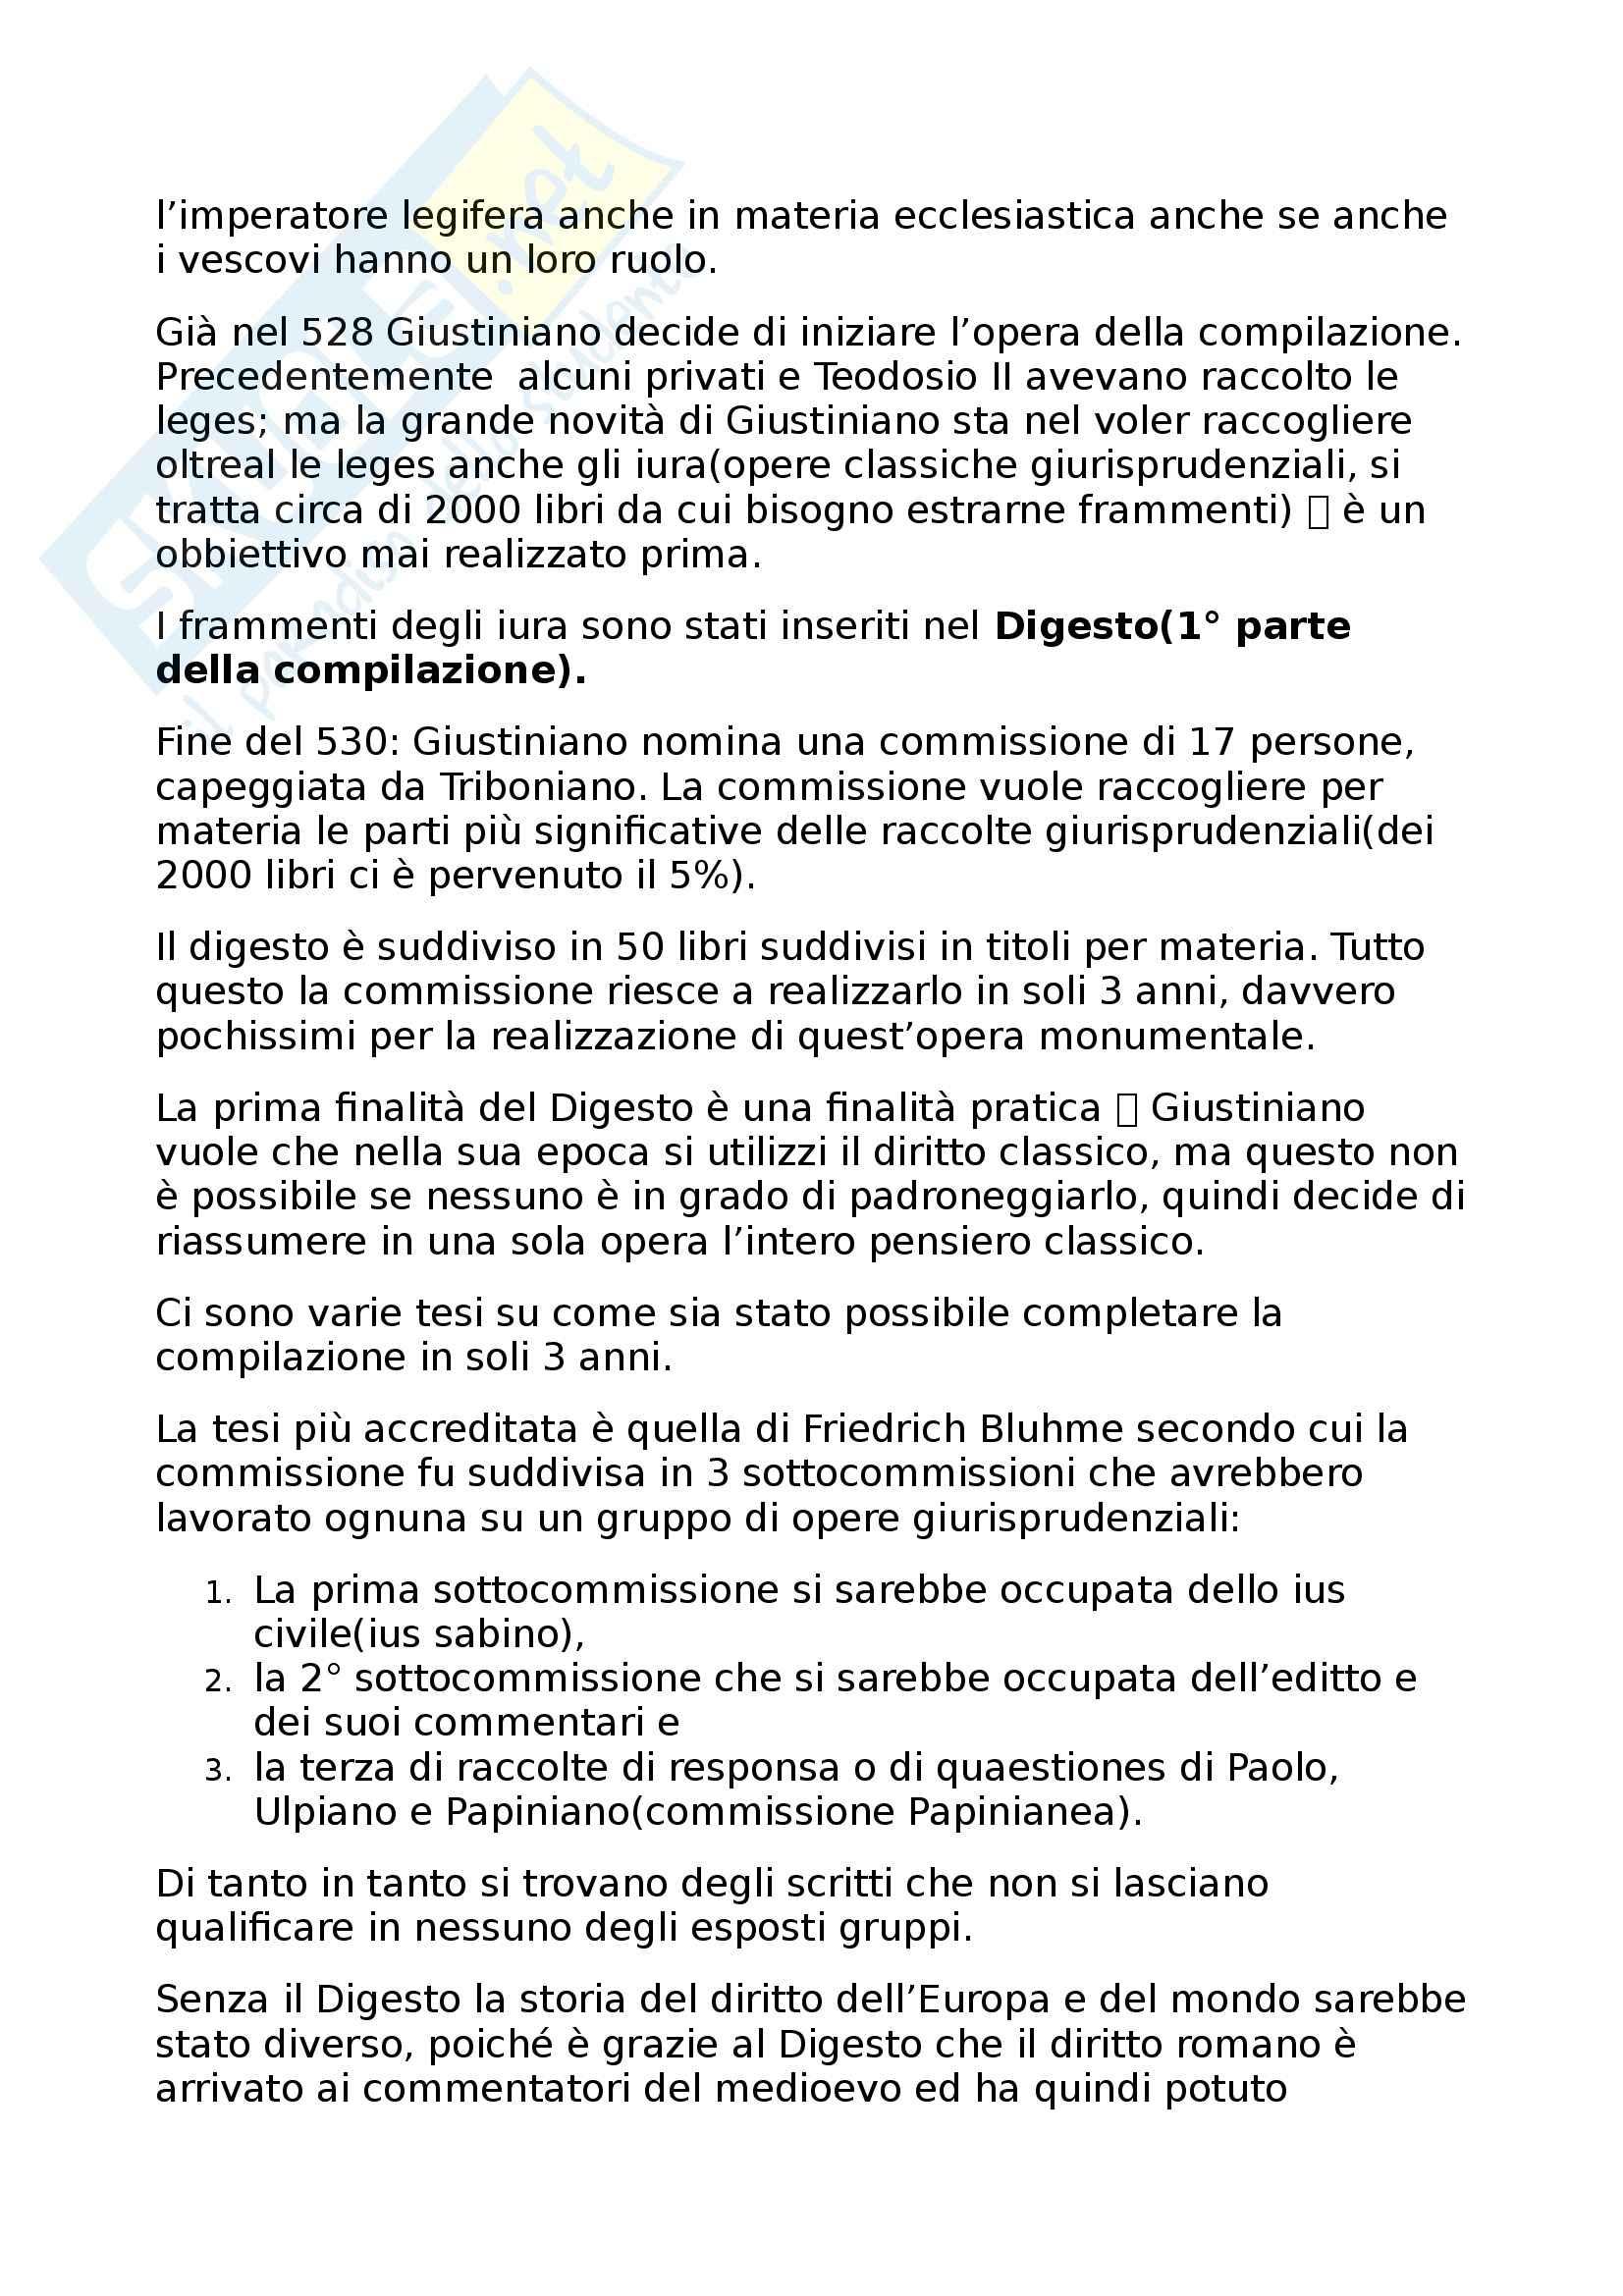 Storia del diritto romano - La compilazione giustinianea Pag. 2